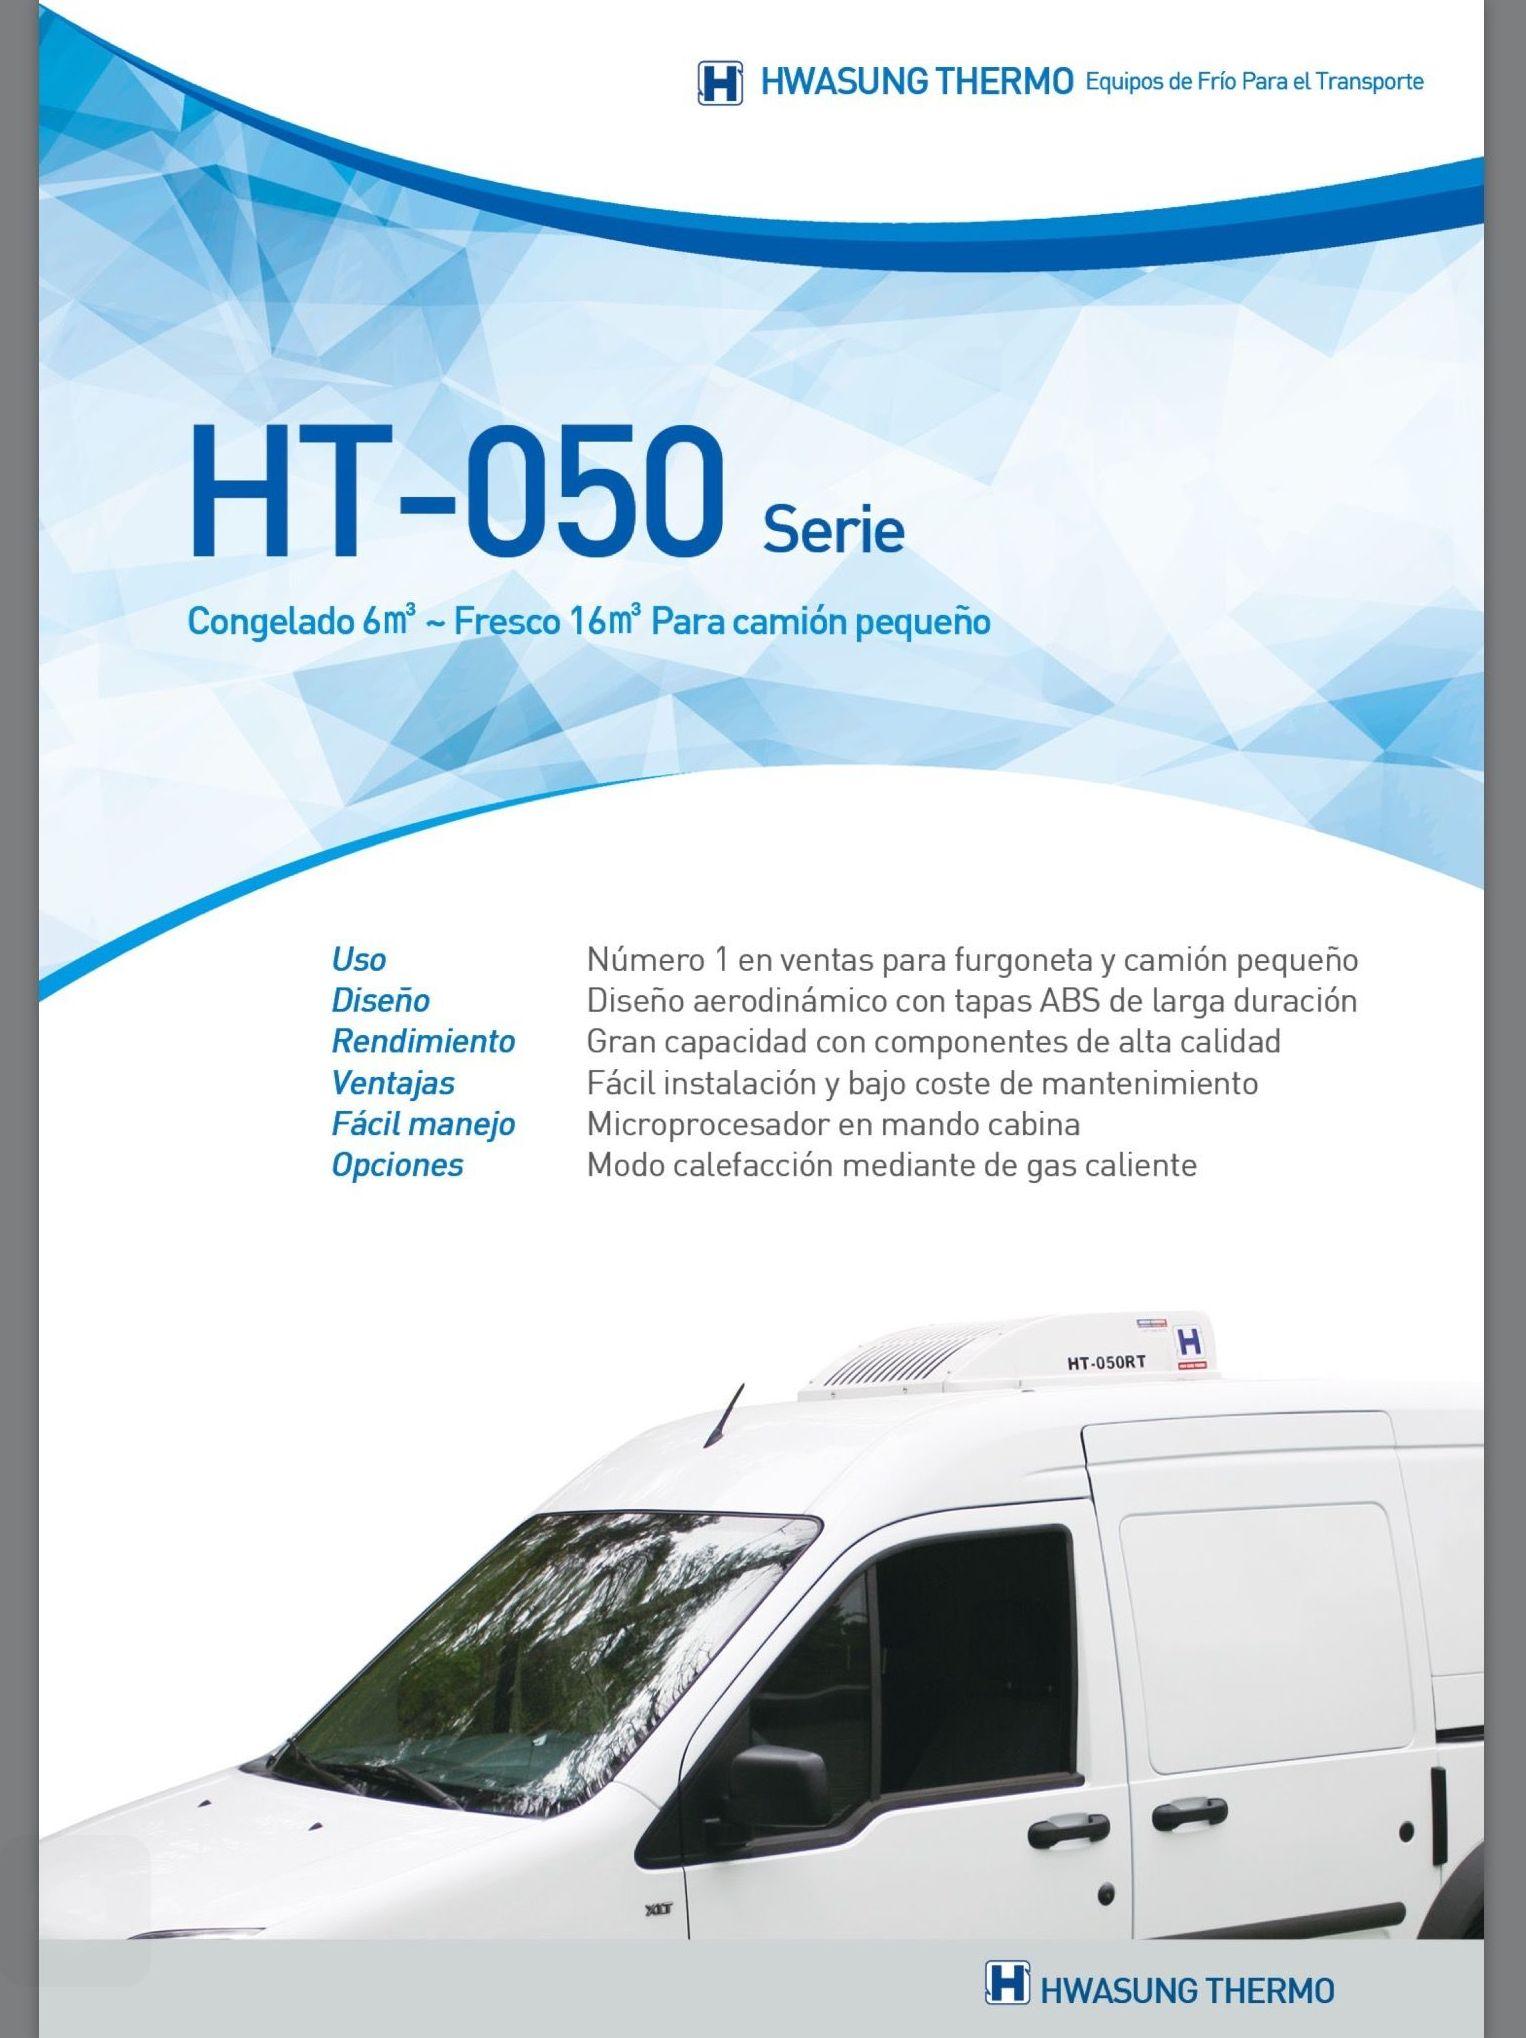 Foto 24 de Recambios para equipos de refrigeración de camiones en Alcantarilla | Mafriauto